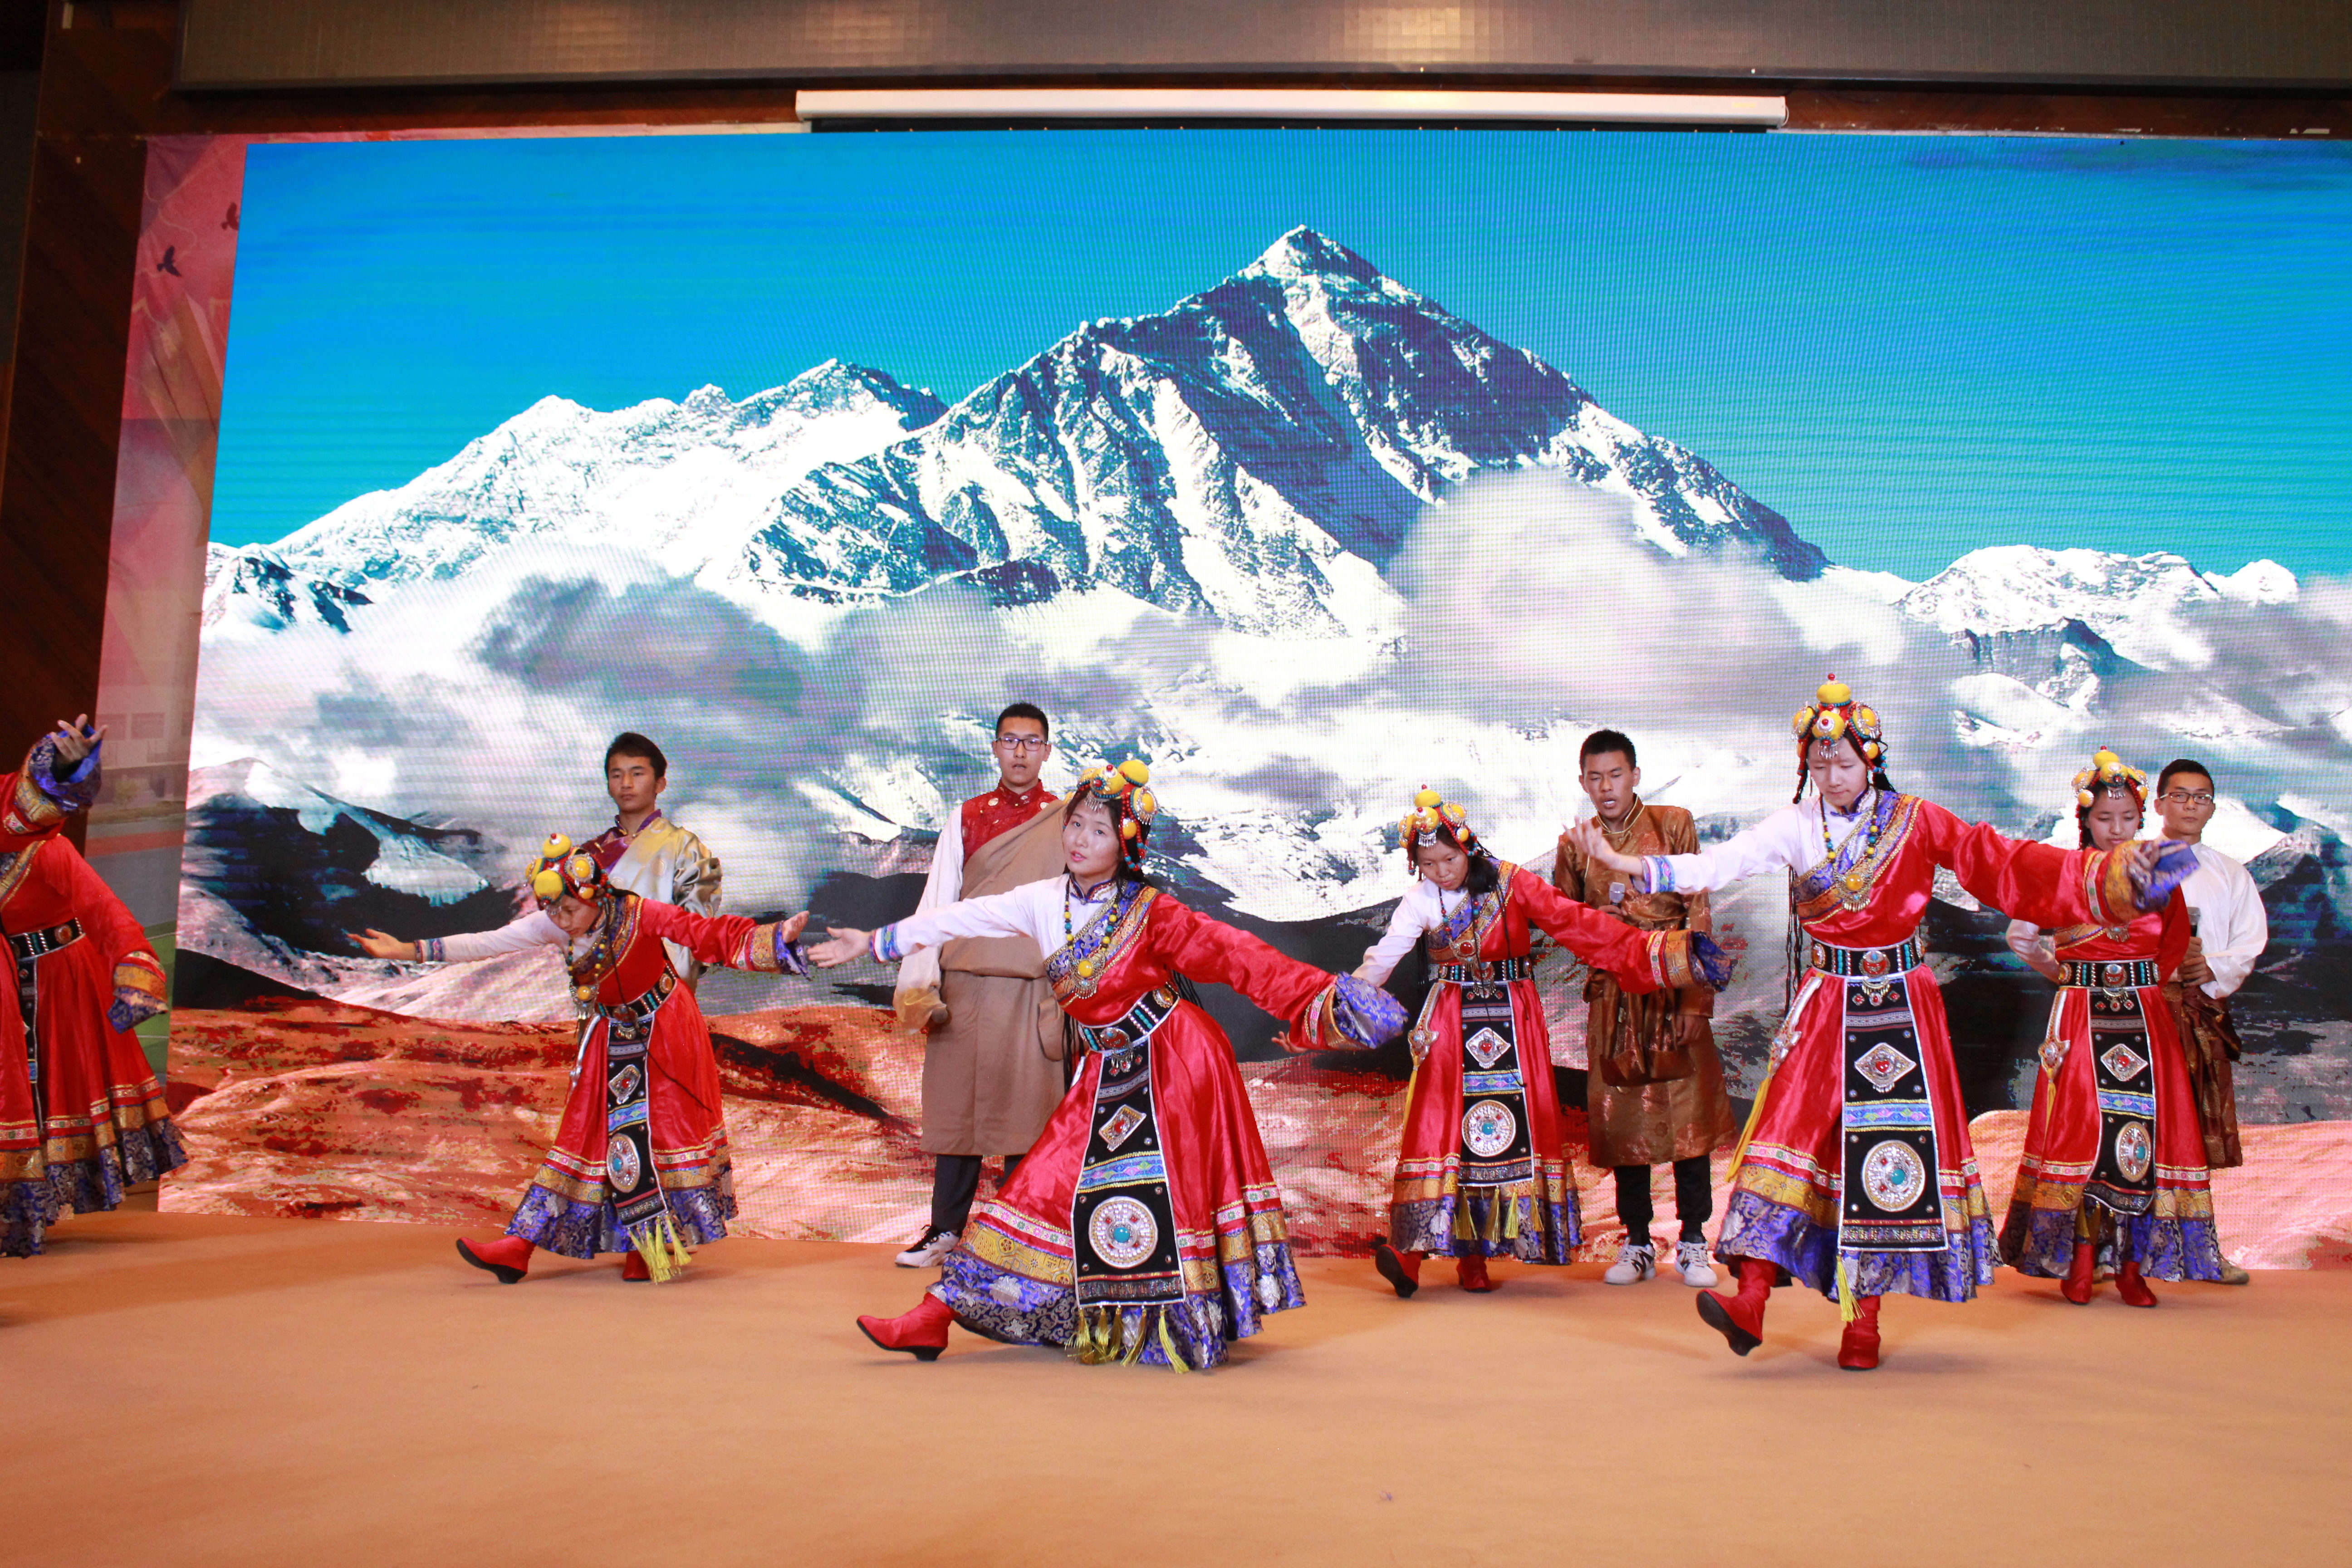 雪莲苑社团的藏族舞蹈.jpg